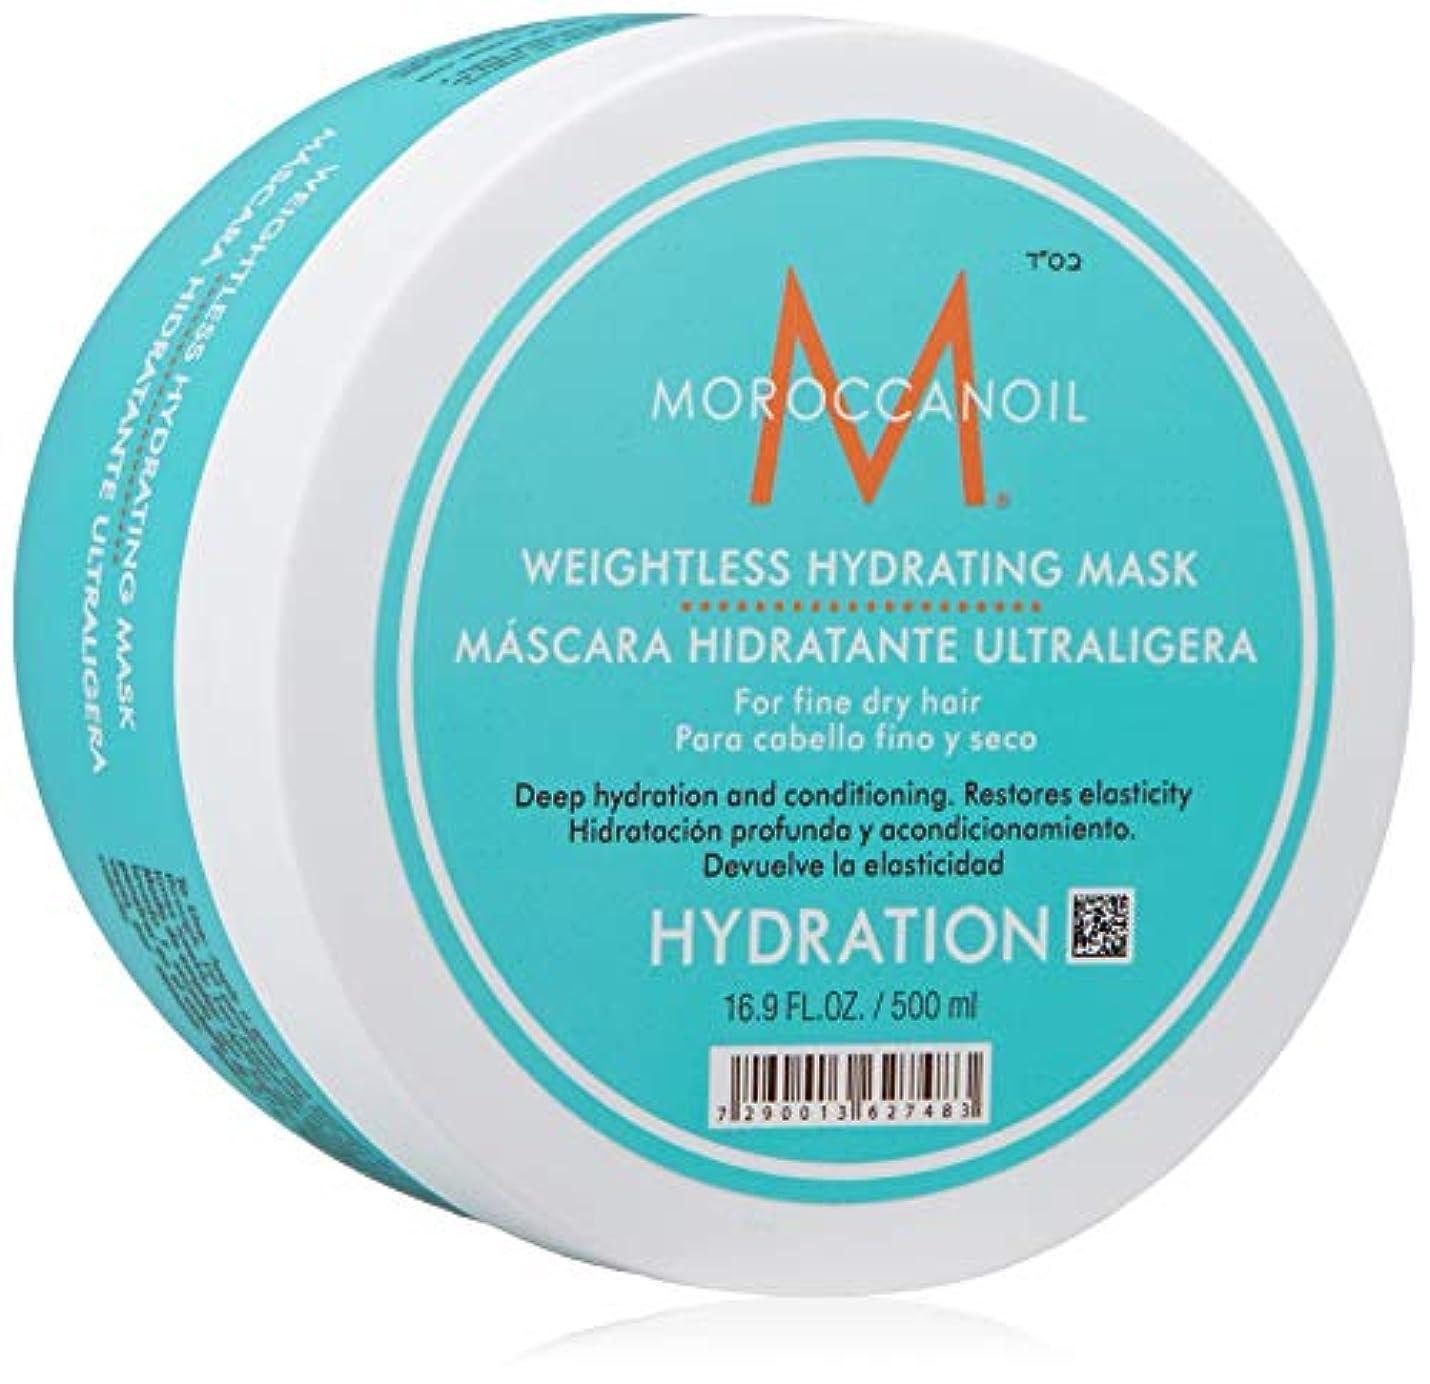 ピンク風邪をひく優先モロッカンオイルウェイトレスハイドレーティングマスク (細く乾燥した髪用) 500ml [海外直送品]